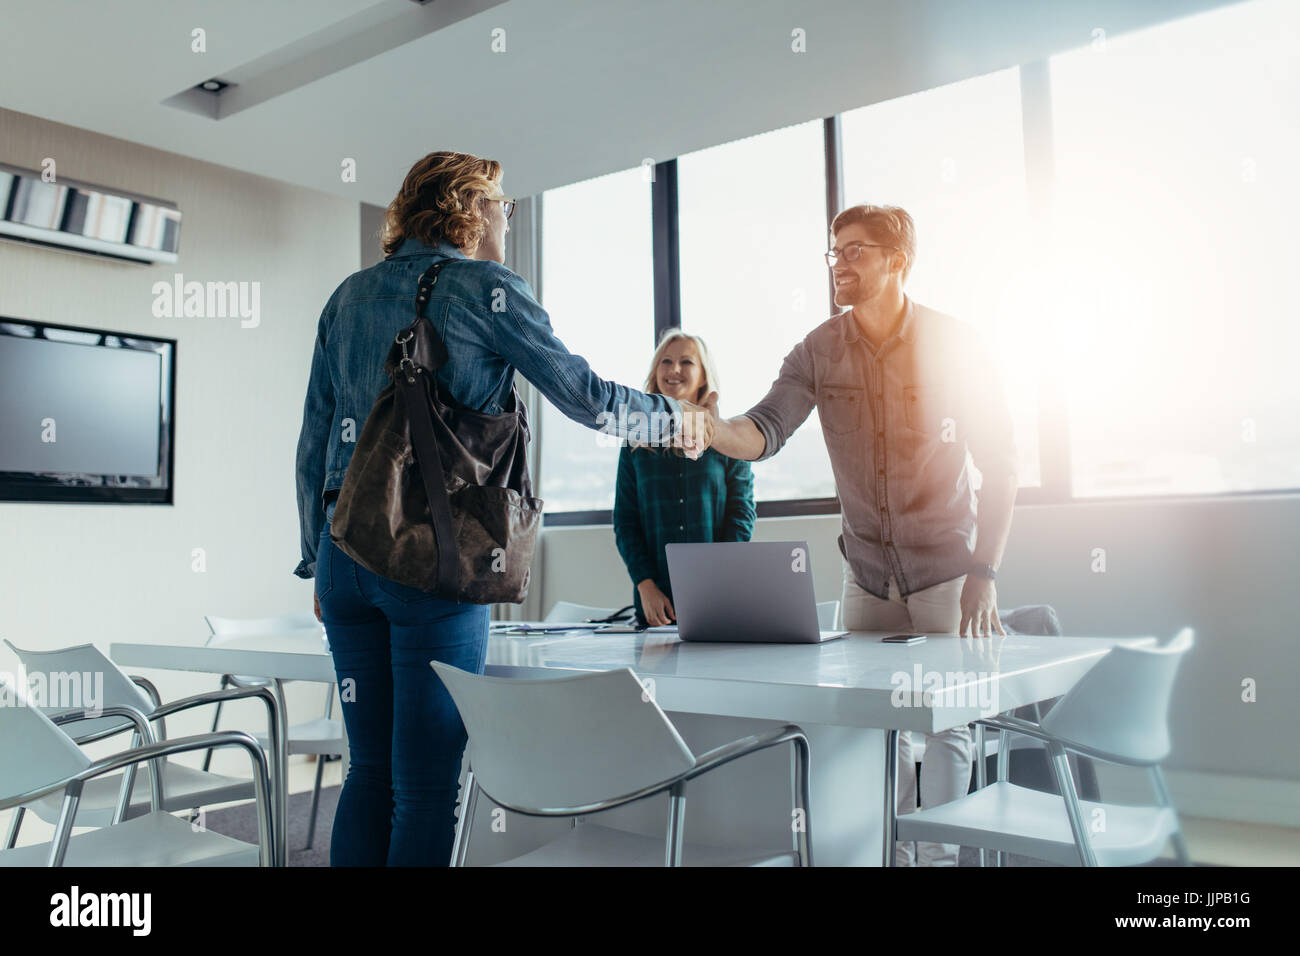 Gente de negocios para finalizar una reunión. Hombre, un apretón de manos con el clienta después Imagen De Stock